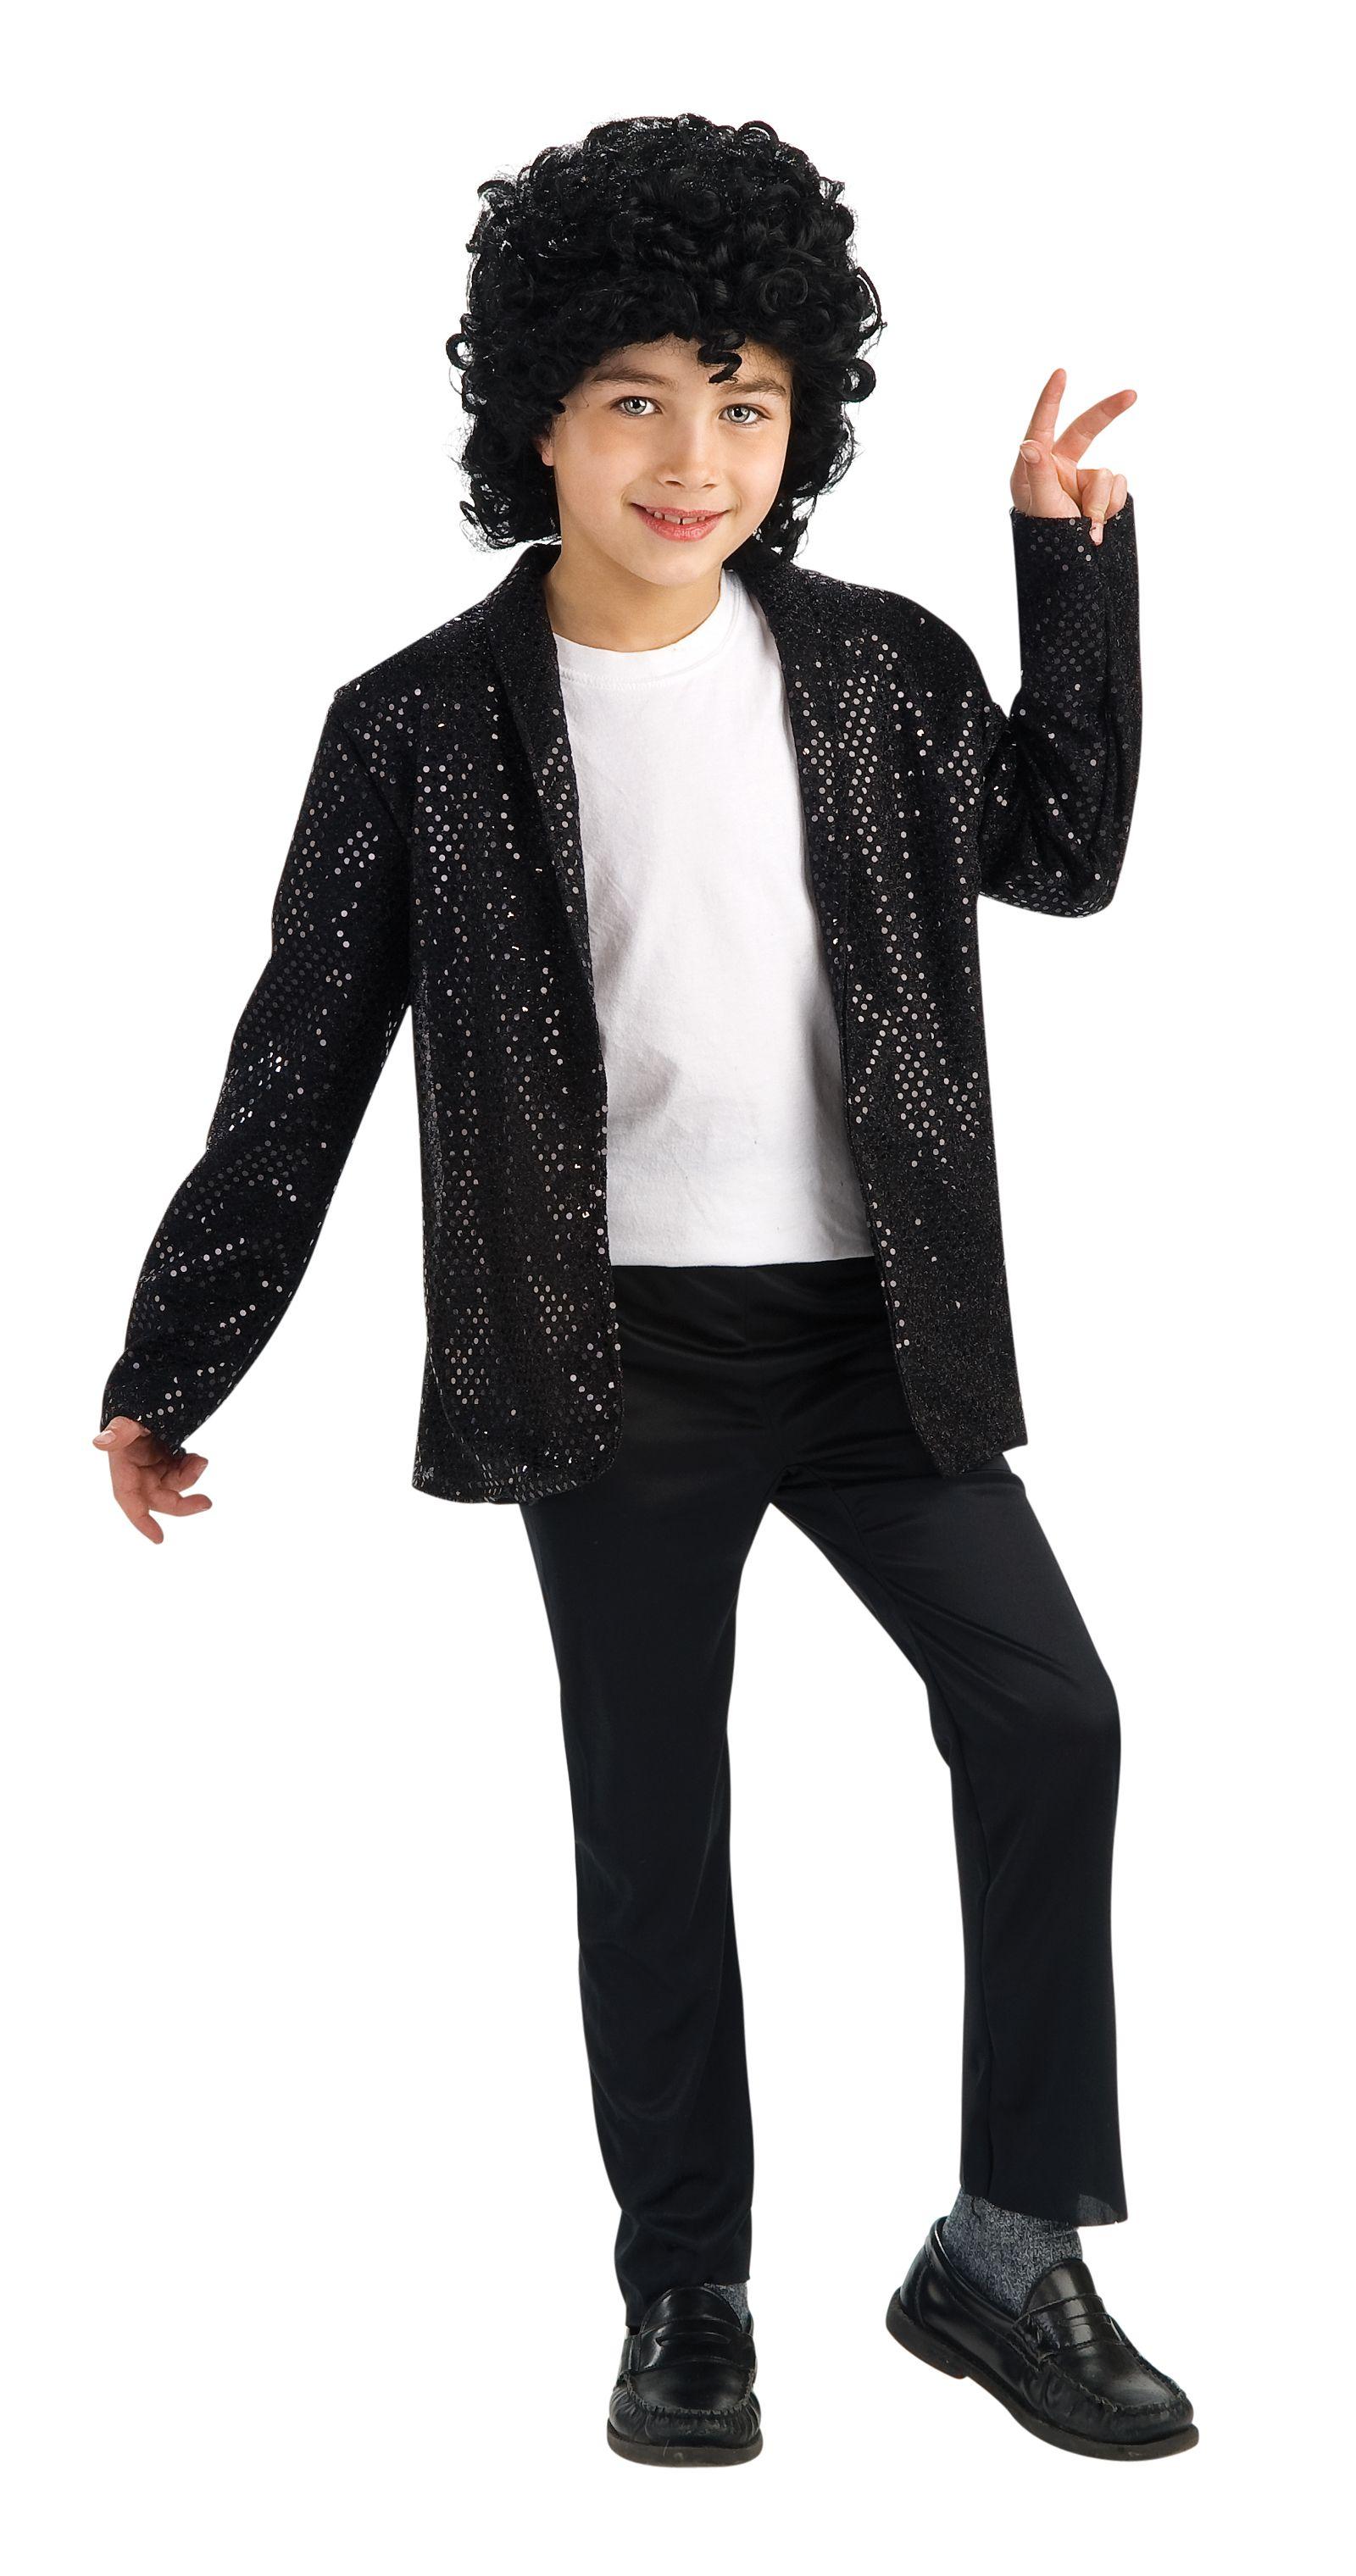 Michael Jackson Child Deluxe Billie Jean Jacket Si In 2021 Michael Jackson Costume Sequin Jacket Costume Black Sequin Jacket [ 3040 x 1600 Pixel ]